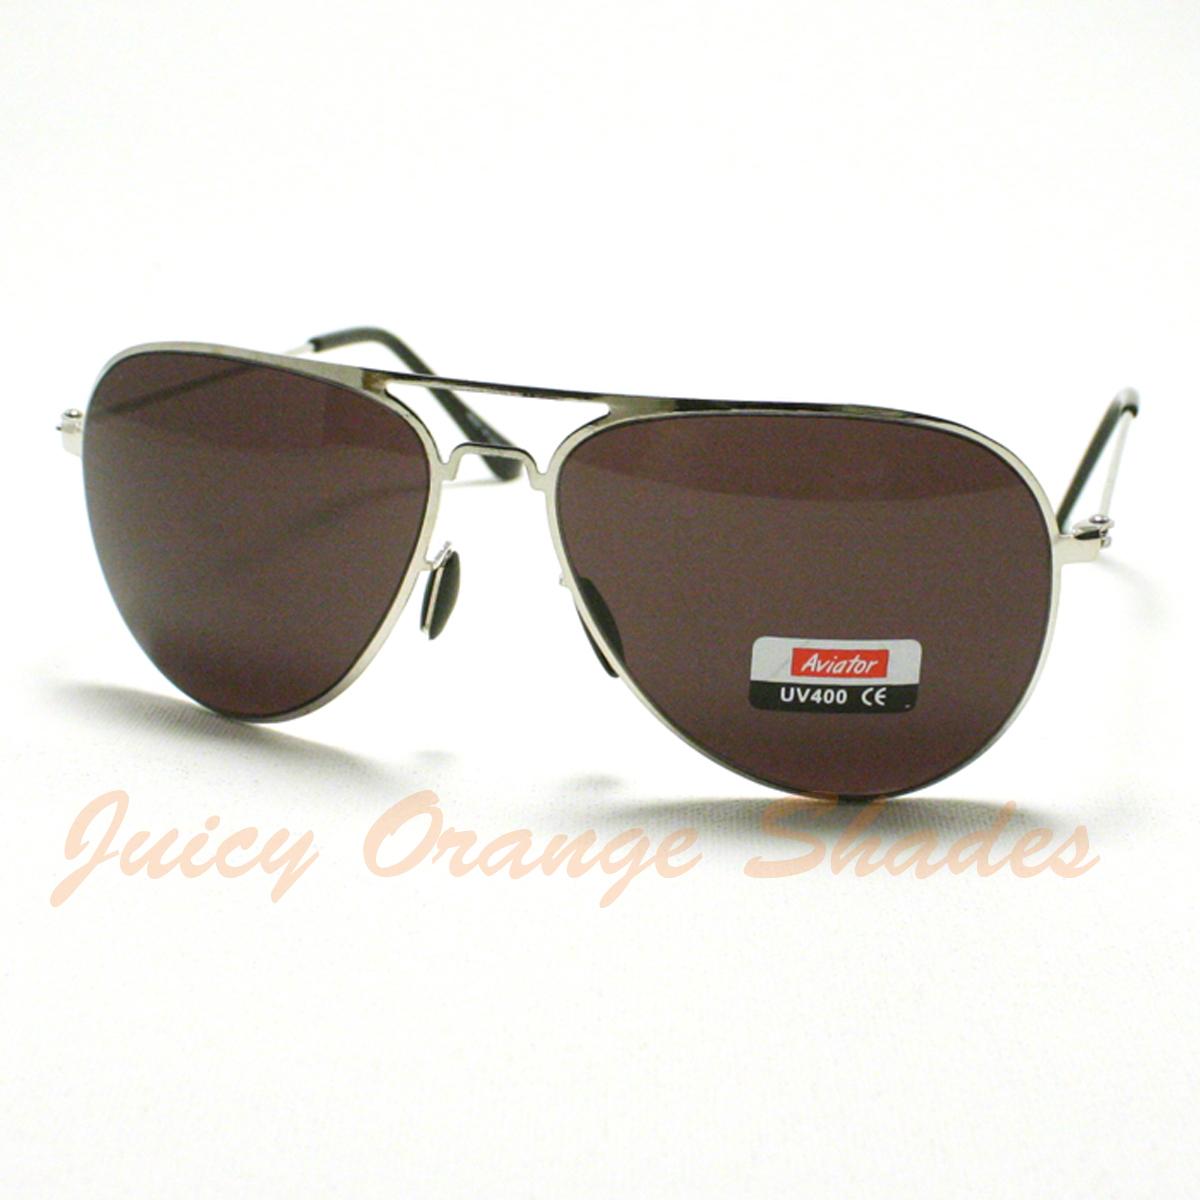 New LIGHTWEIGHT Classic FLAT TOP AVIATOR Sunglasses Men/Women SILVER/BLACK Lens